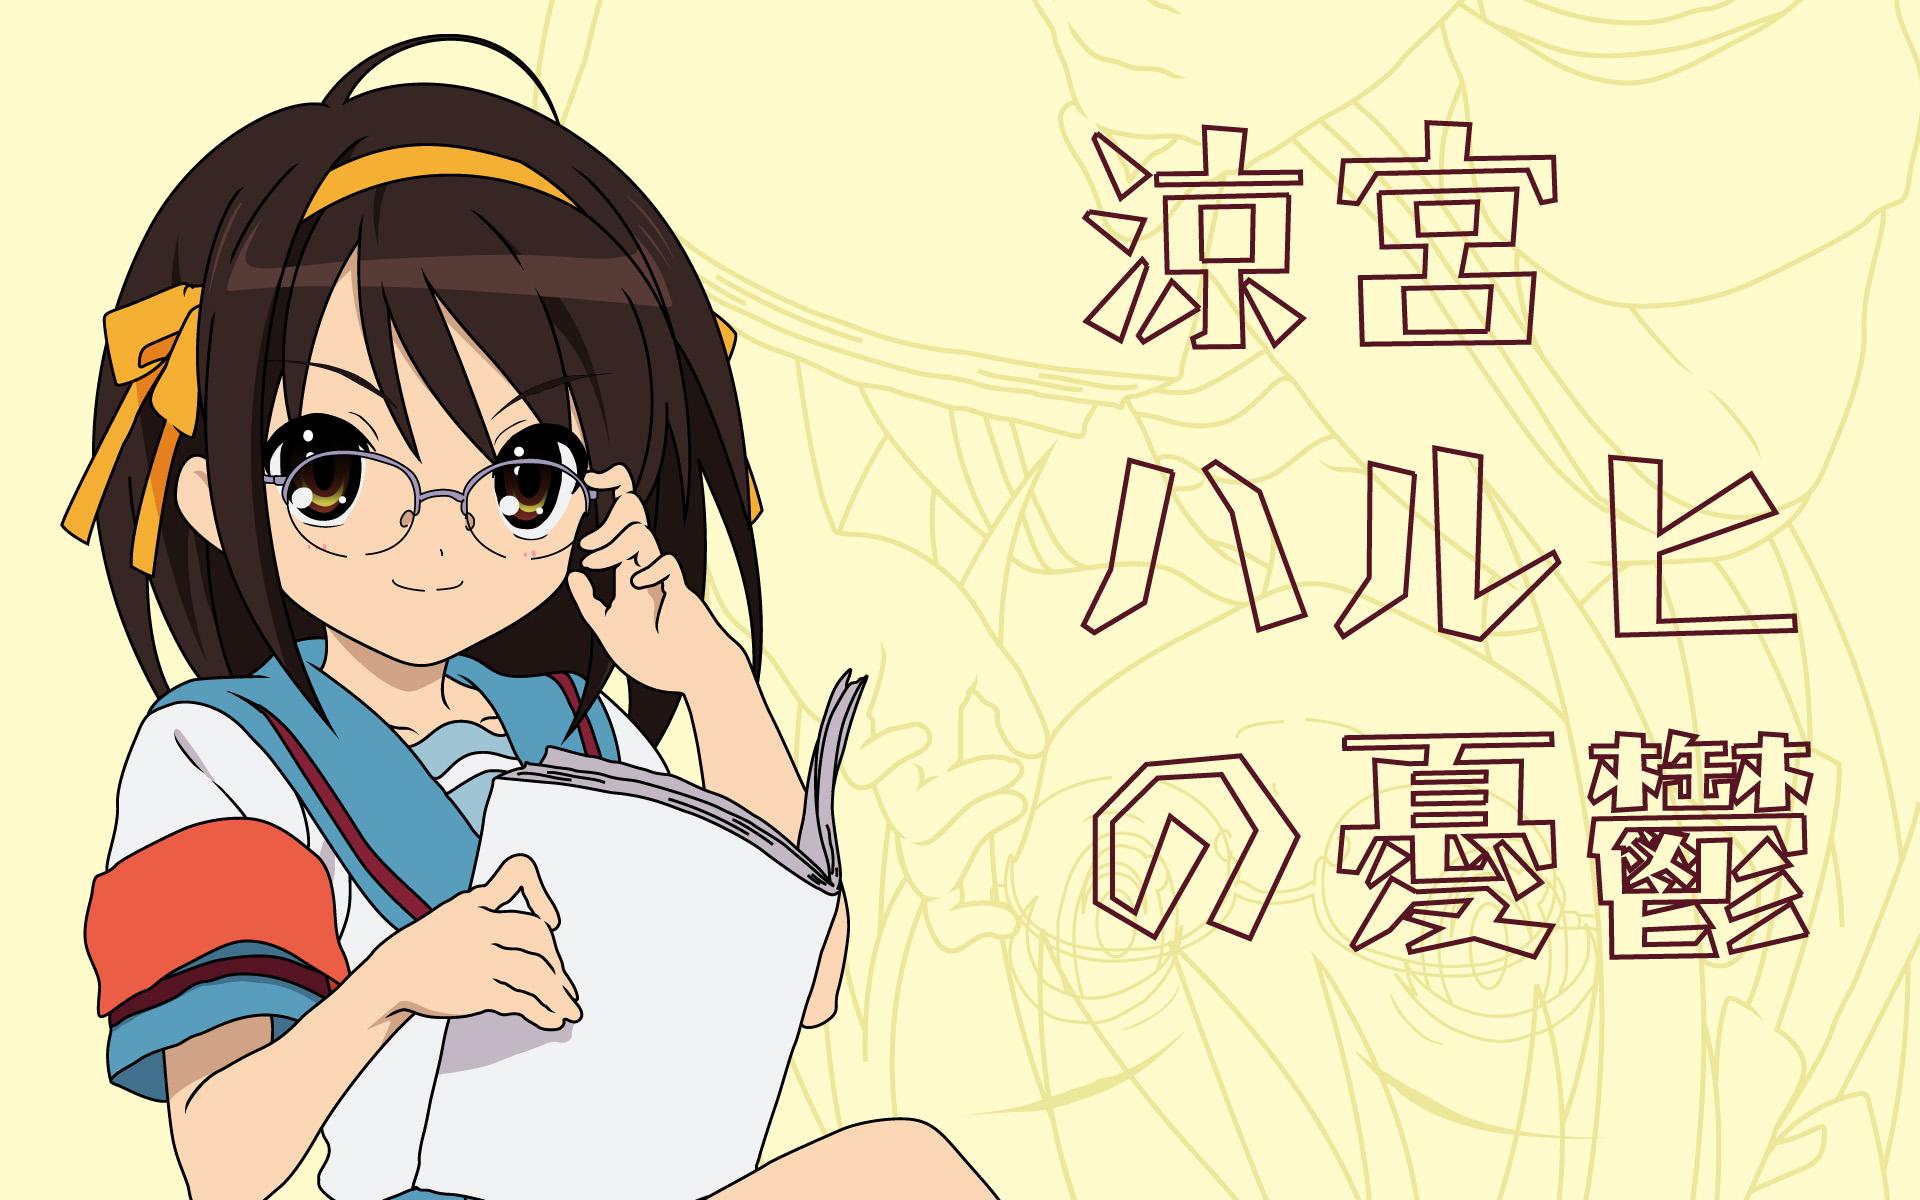 suzumiya_haruhi suzumiya_haruhi_no_yuutsu vector